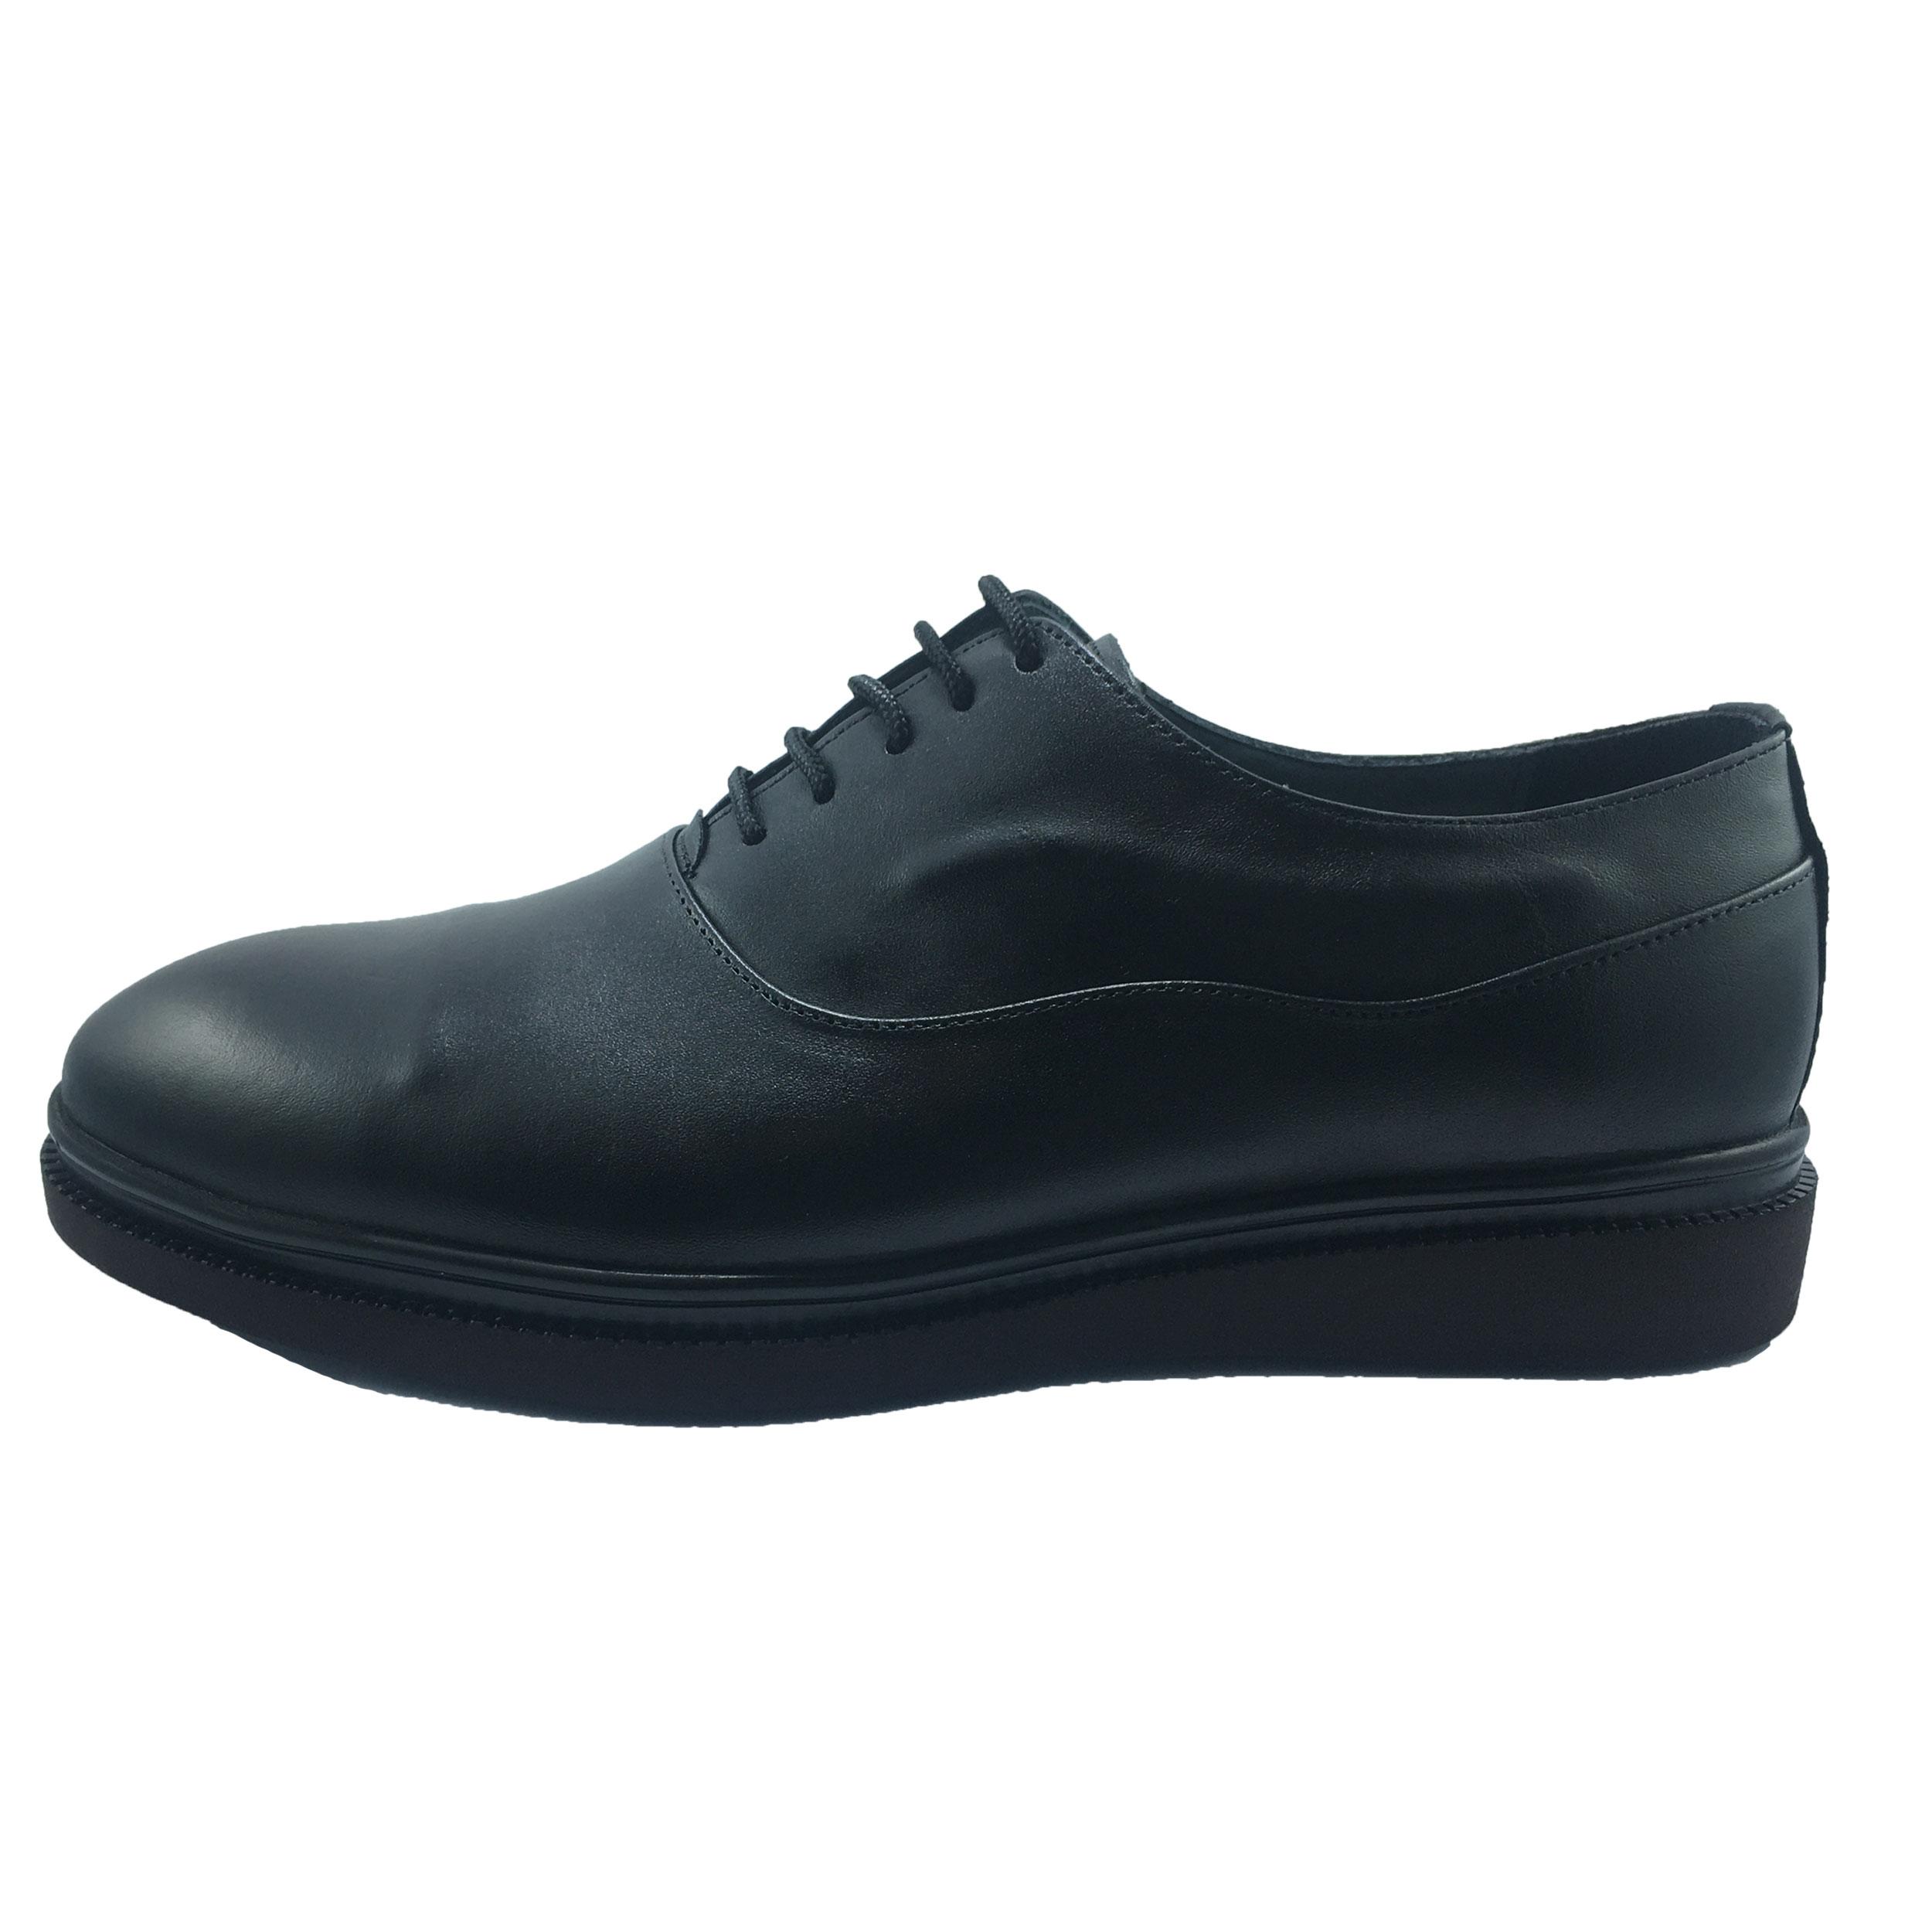 کفش مردانه فوت کر کد 103             , خرید اینترنتی